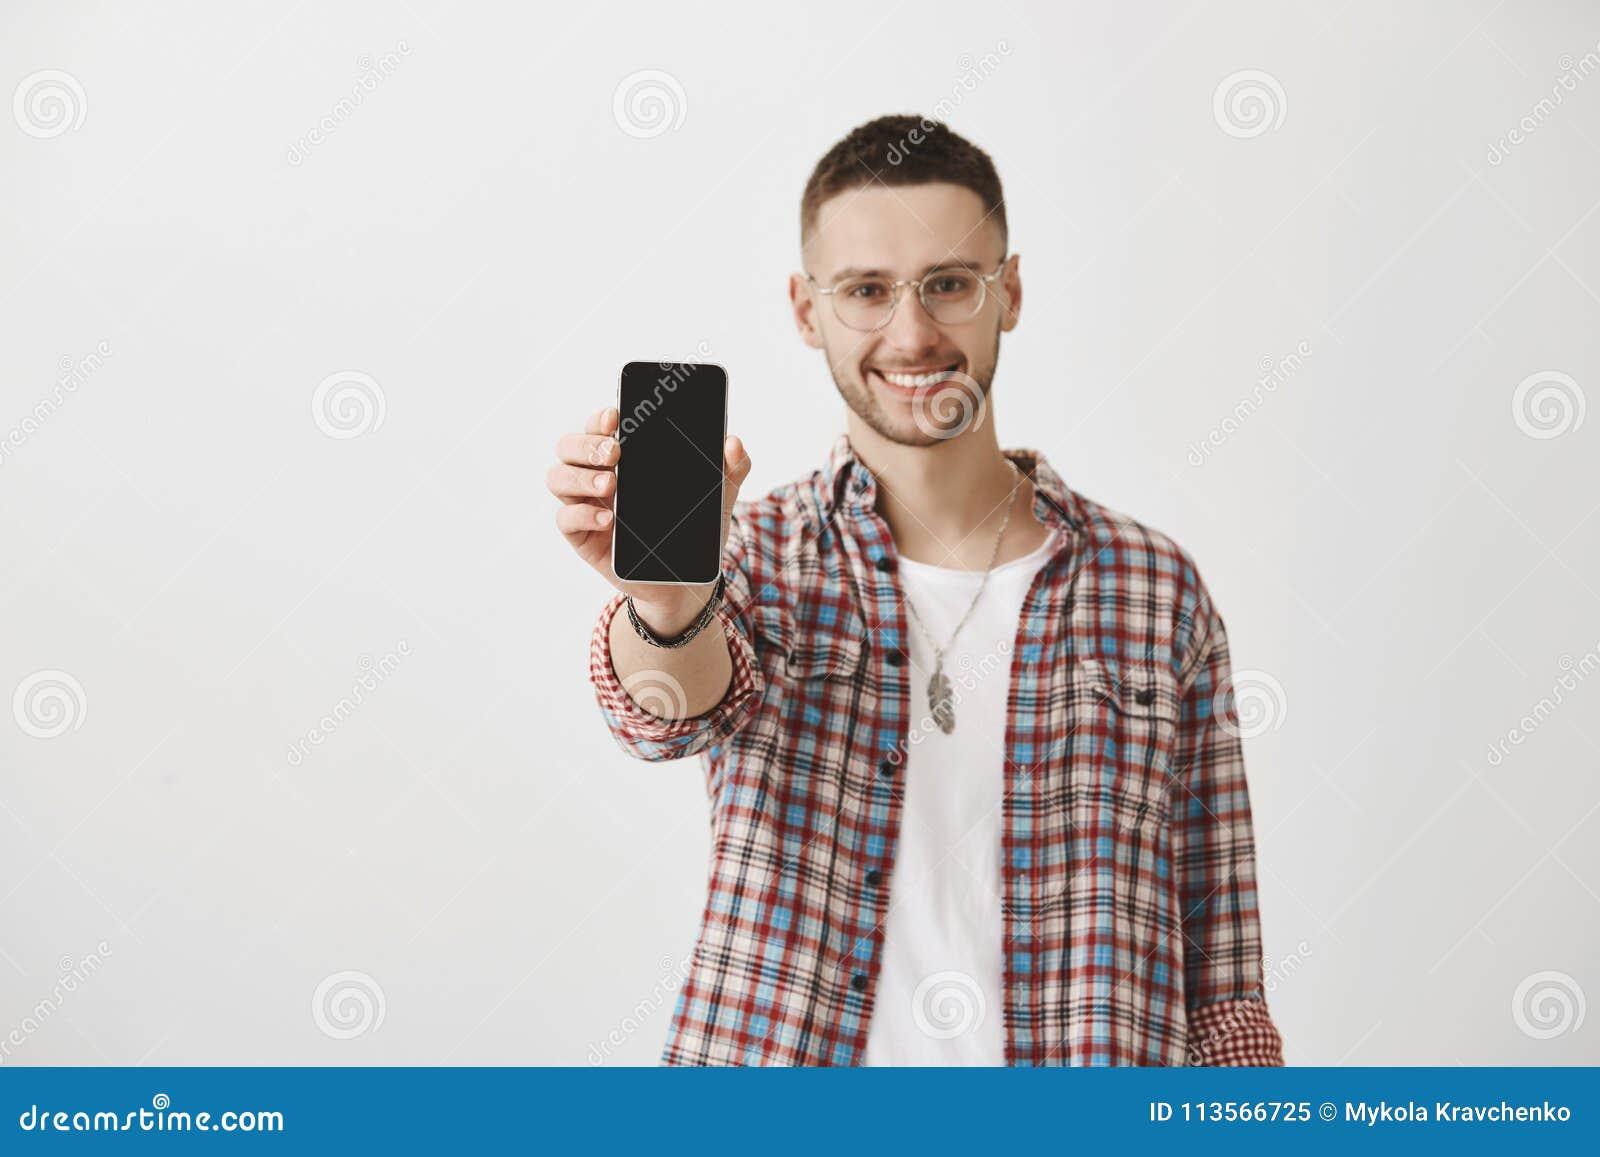 Pokazuje ja coś pięknego i pożytecznie, Ja czeka Atrakcyjny facet ono uśmiecha się szeroko w szkłach podczas gdy ciągnący rękę